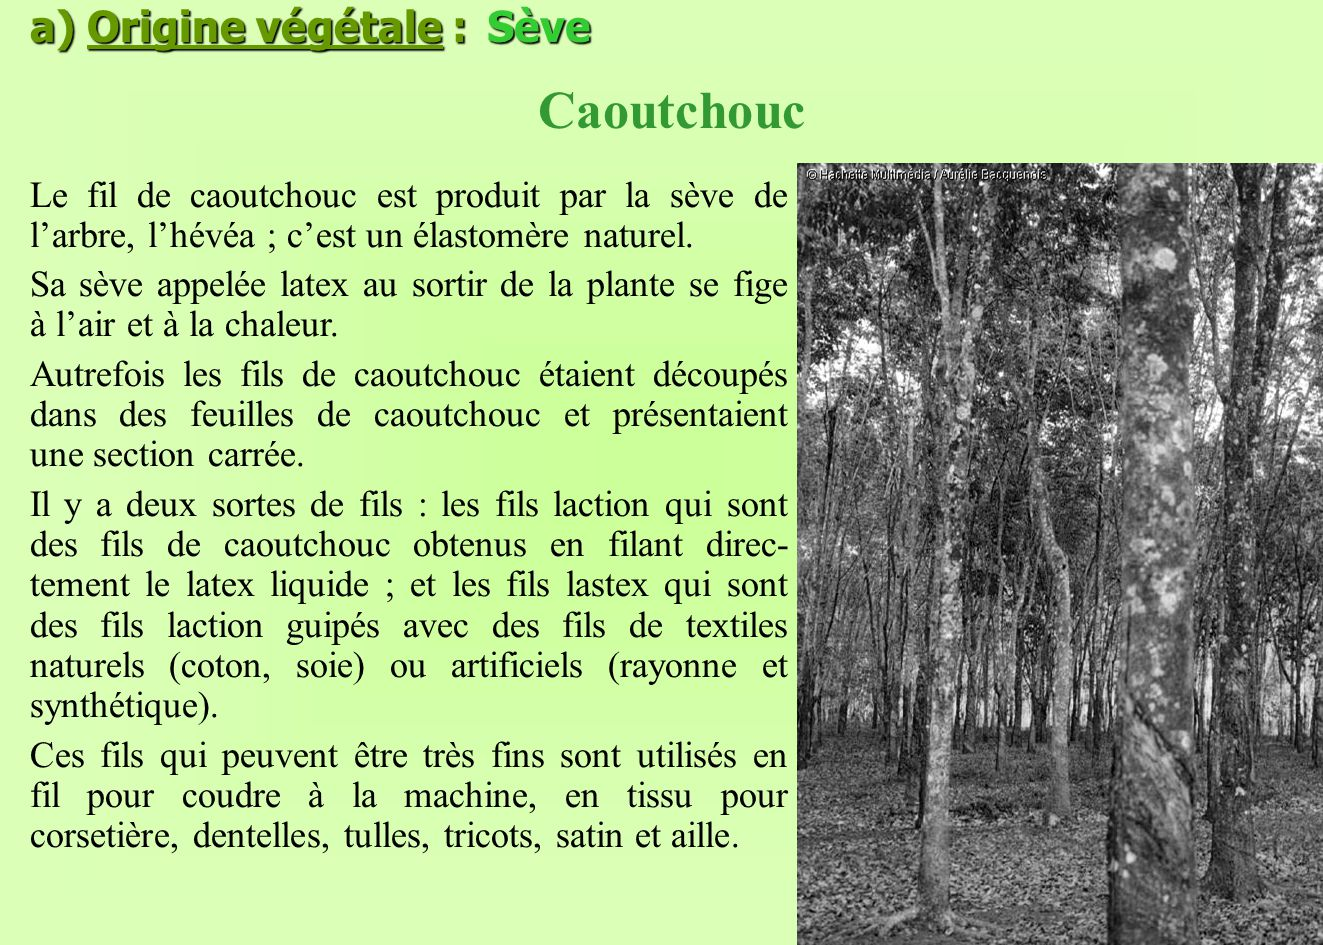 Caoutchouc a) Origine végétale : Sève